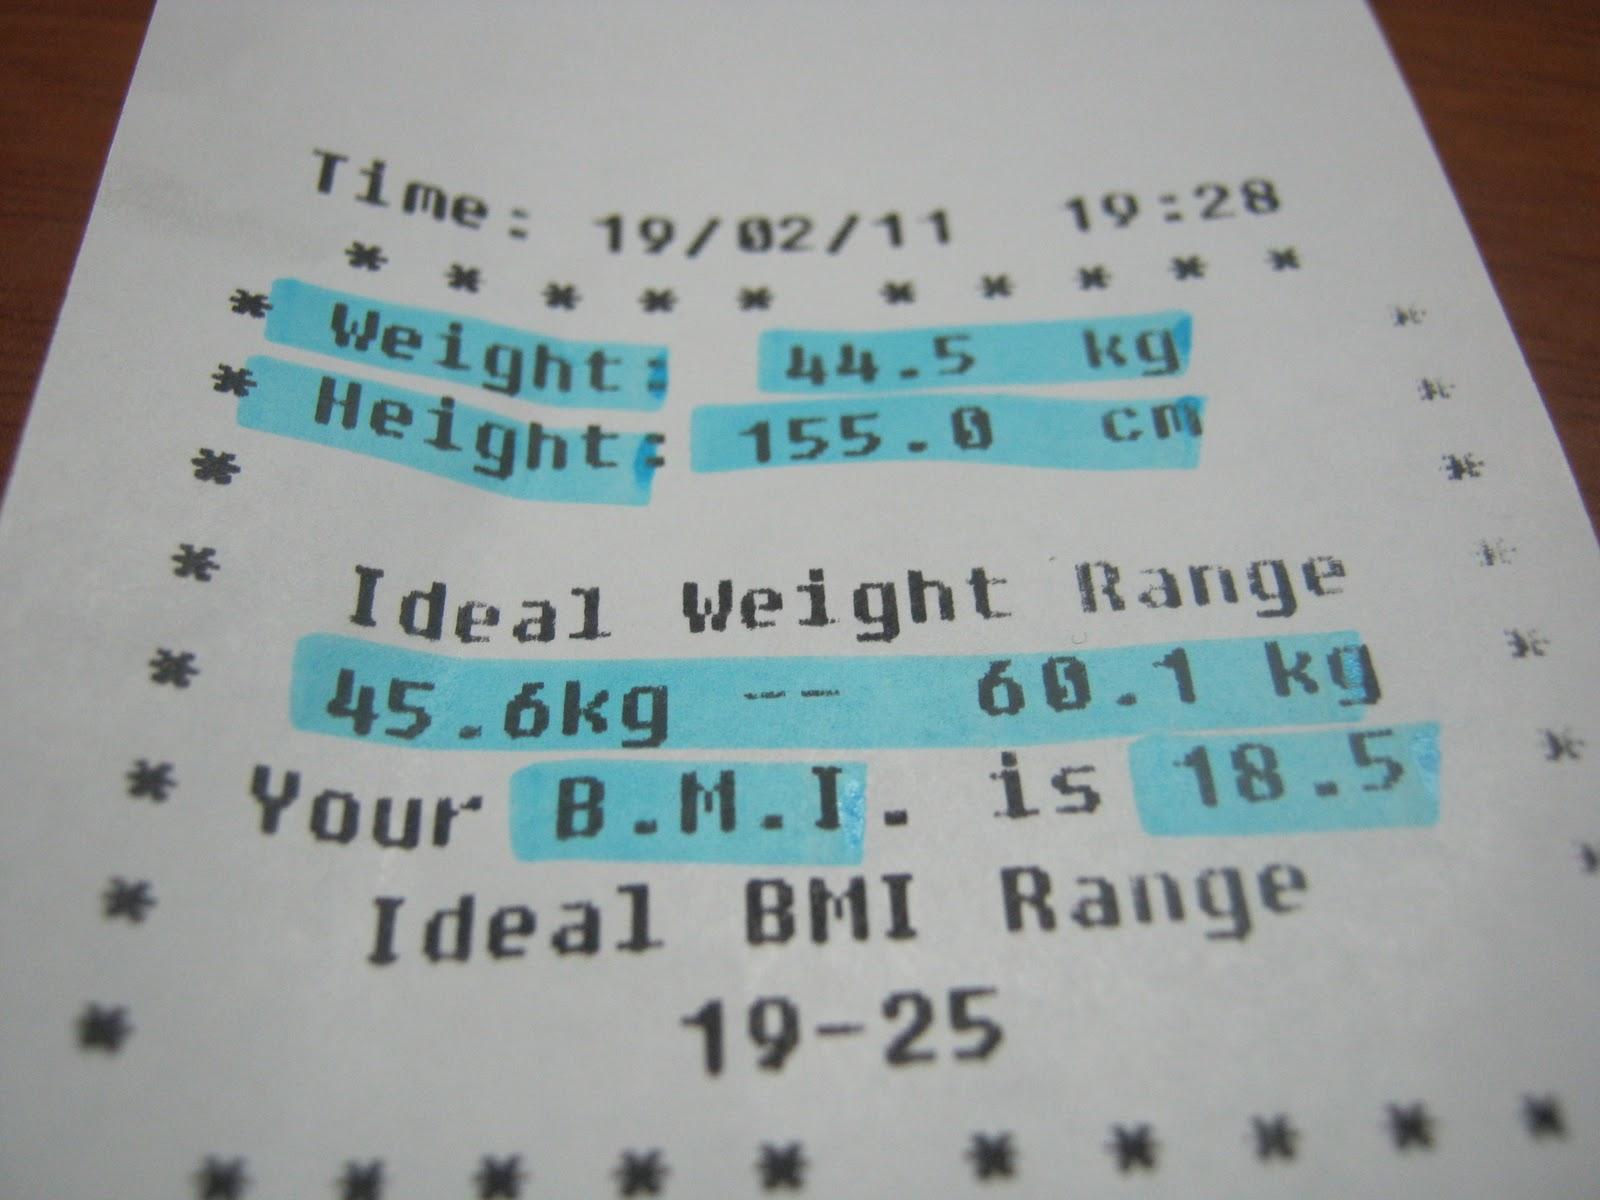 Hanya Guna Tips Diet Mudah, Berat Badan Wanita Ini Turun 138 Kg